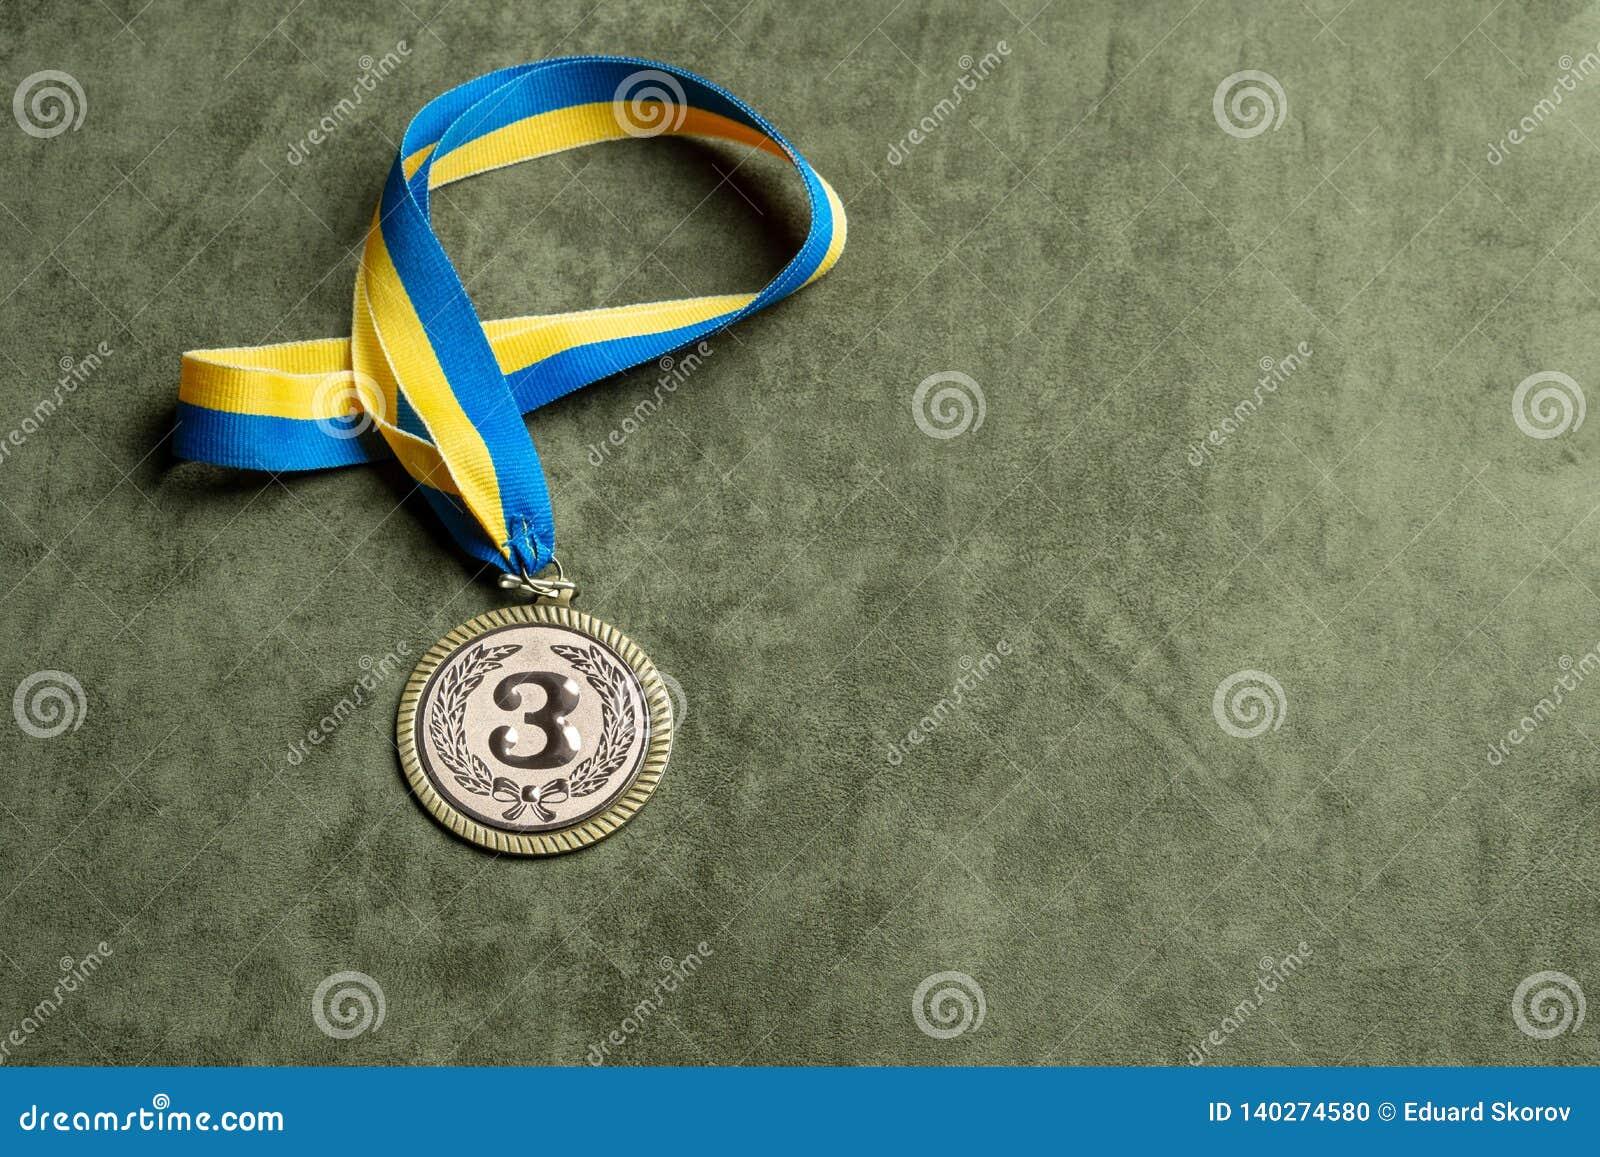 La medalla de bronce para el tercer lugar con la cinta amarillo-azul, copia-espacio